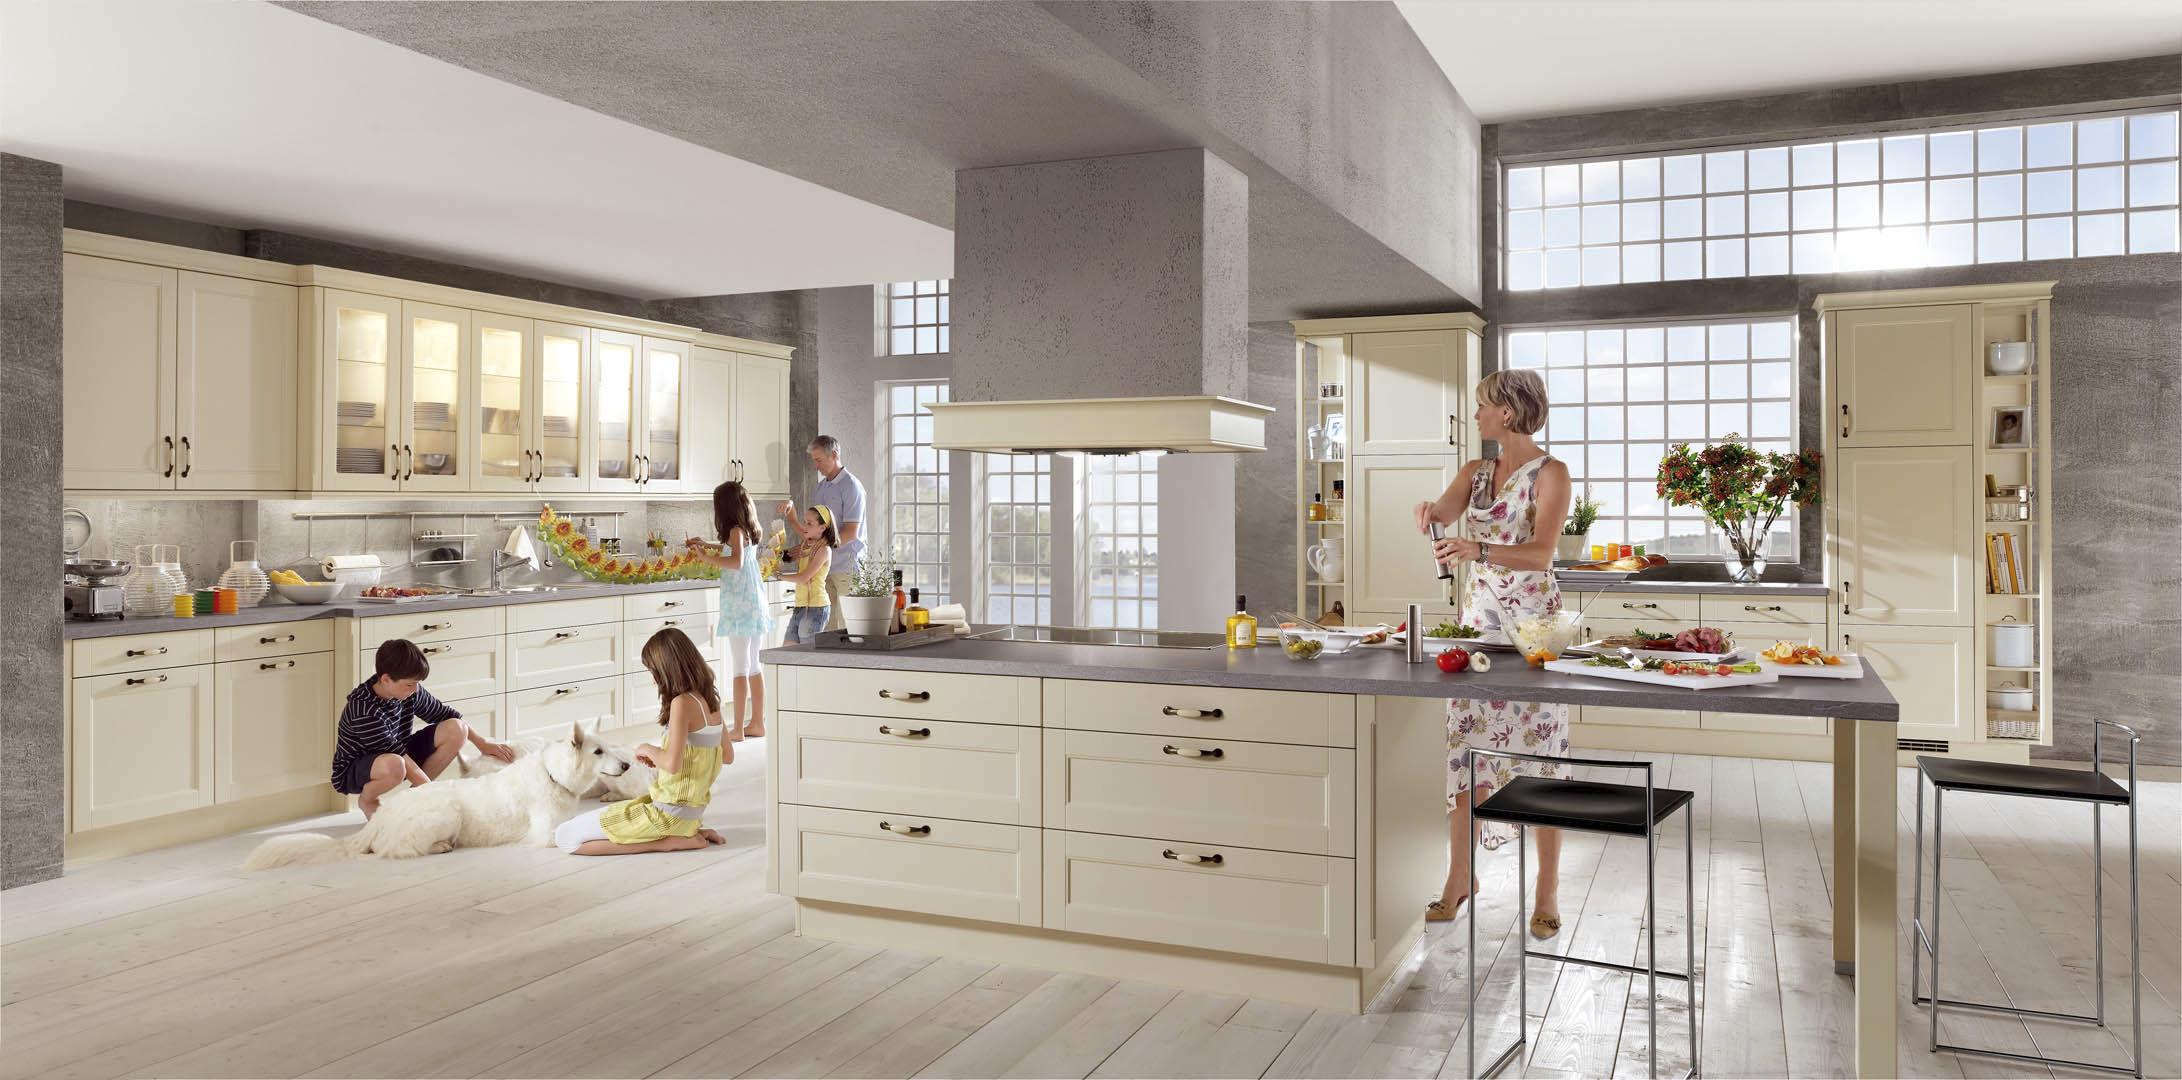 Moderne landhausküchen mit kochinsel  Moderne Landhausküche Mit Kochinsel | kochkor.info